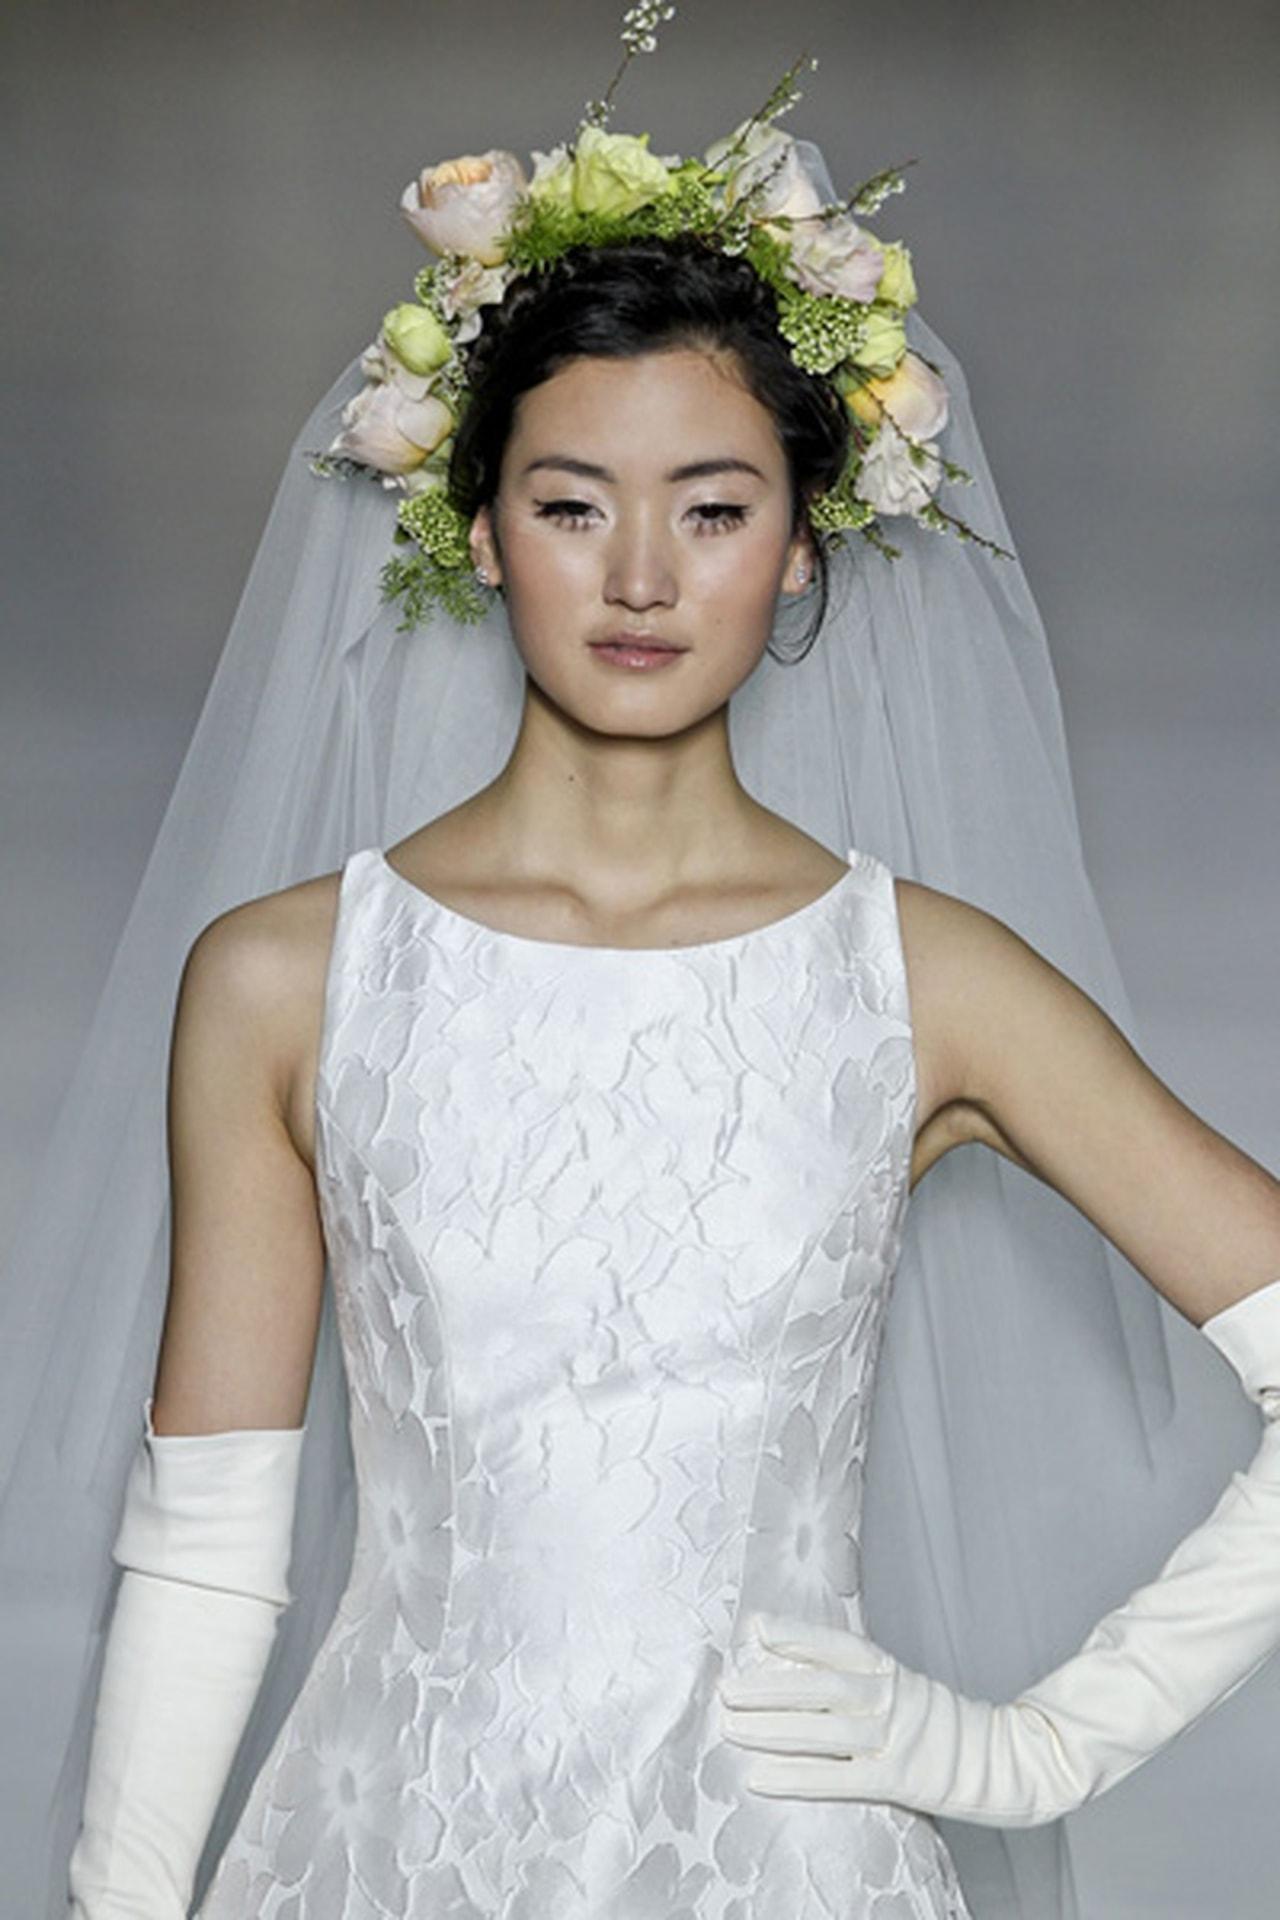 بالصور صور تسريحات عرايس مع تاج صور تاج للعروسة , احدث صيحات الشعر ليوم الزفاف 68 4